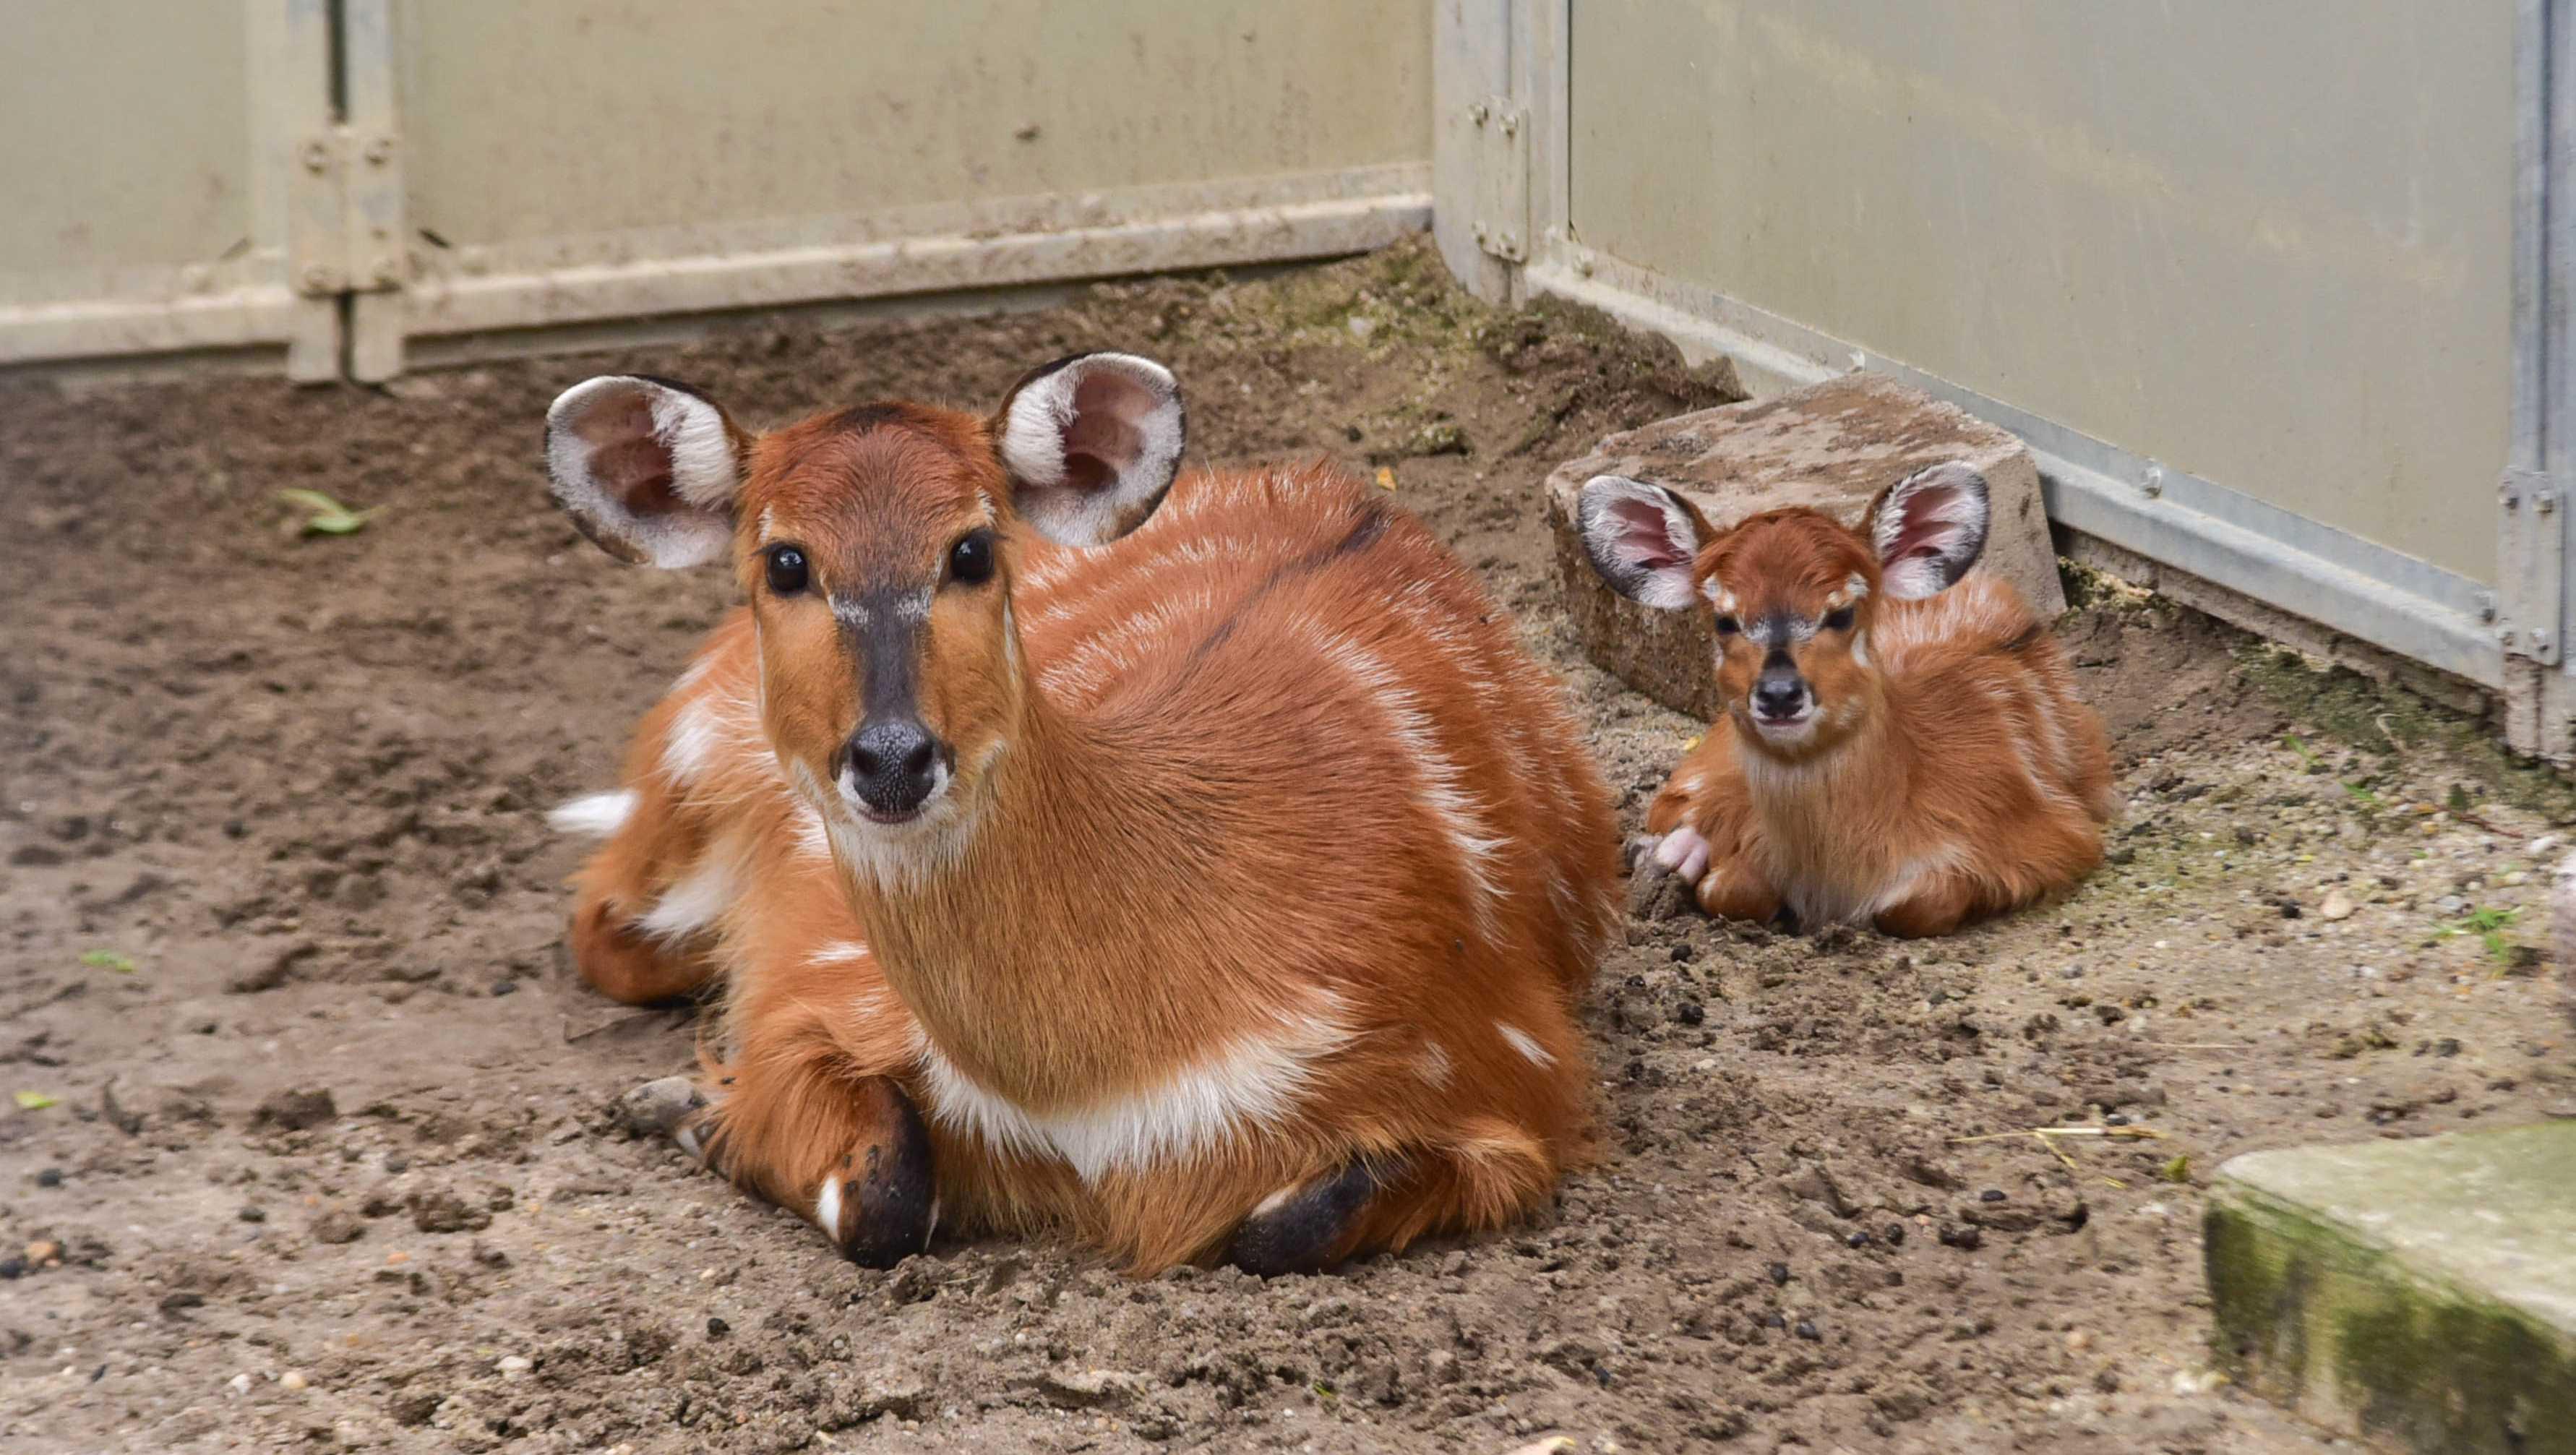 Sitatunga calf